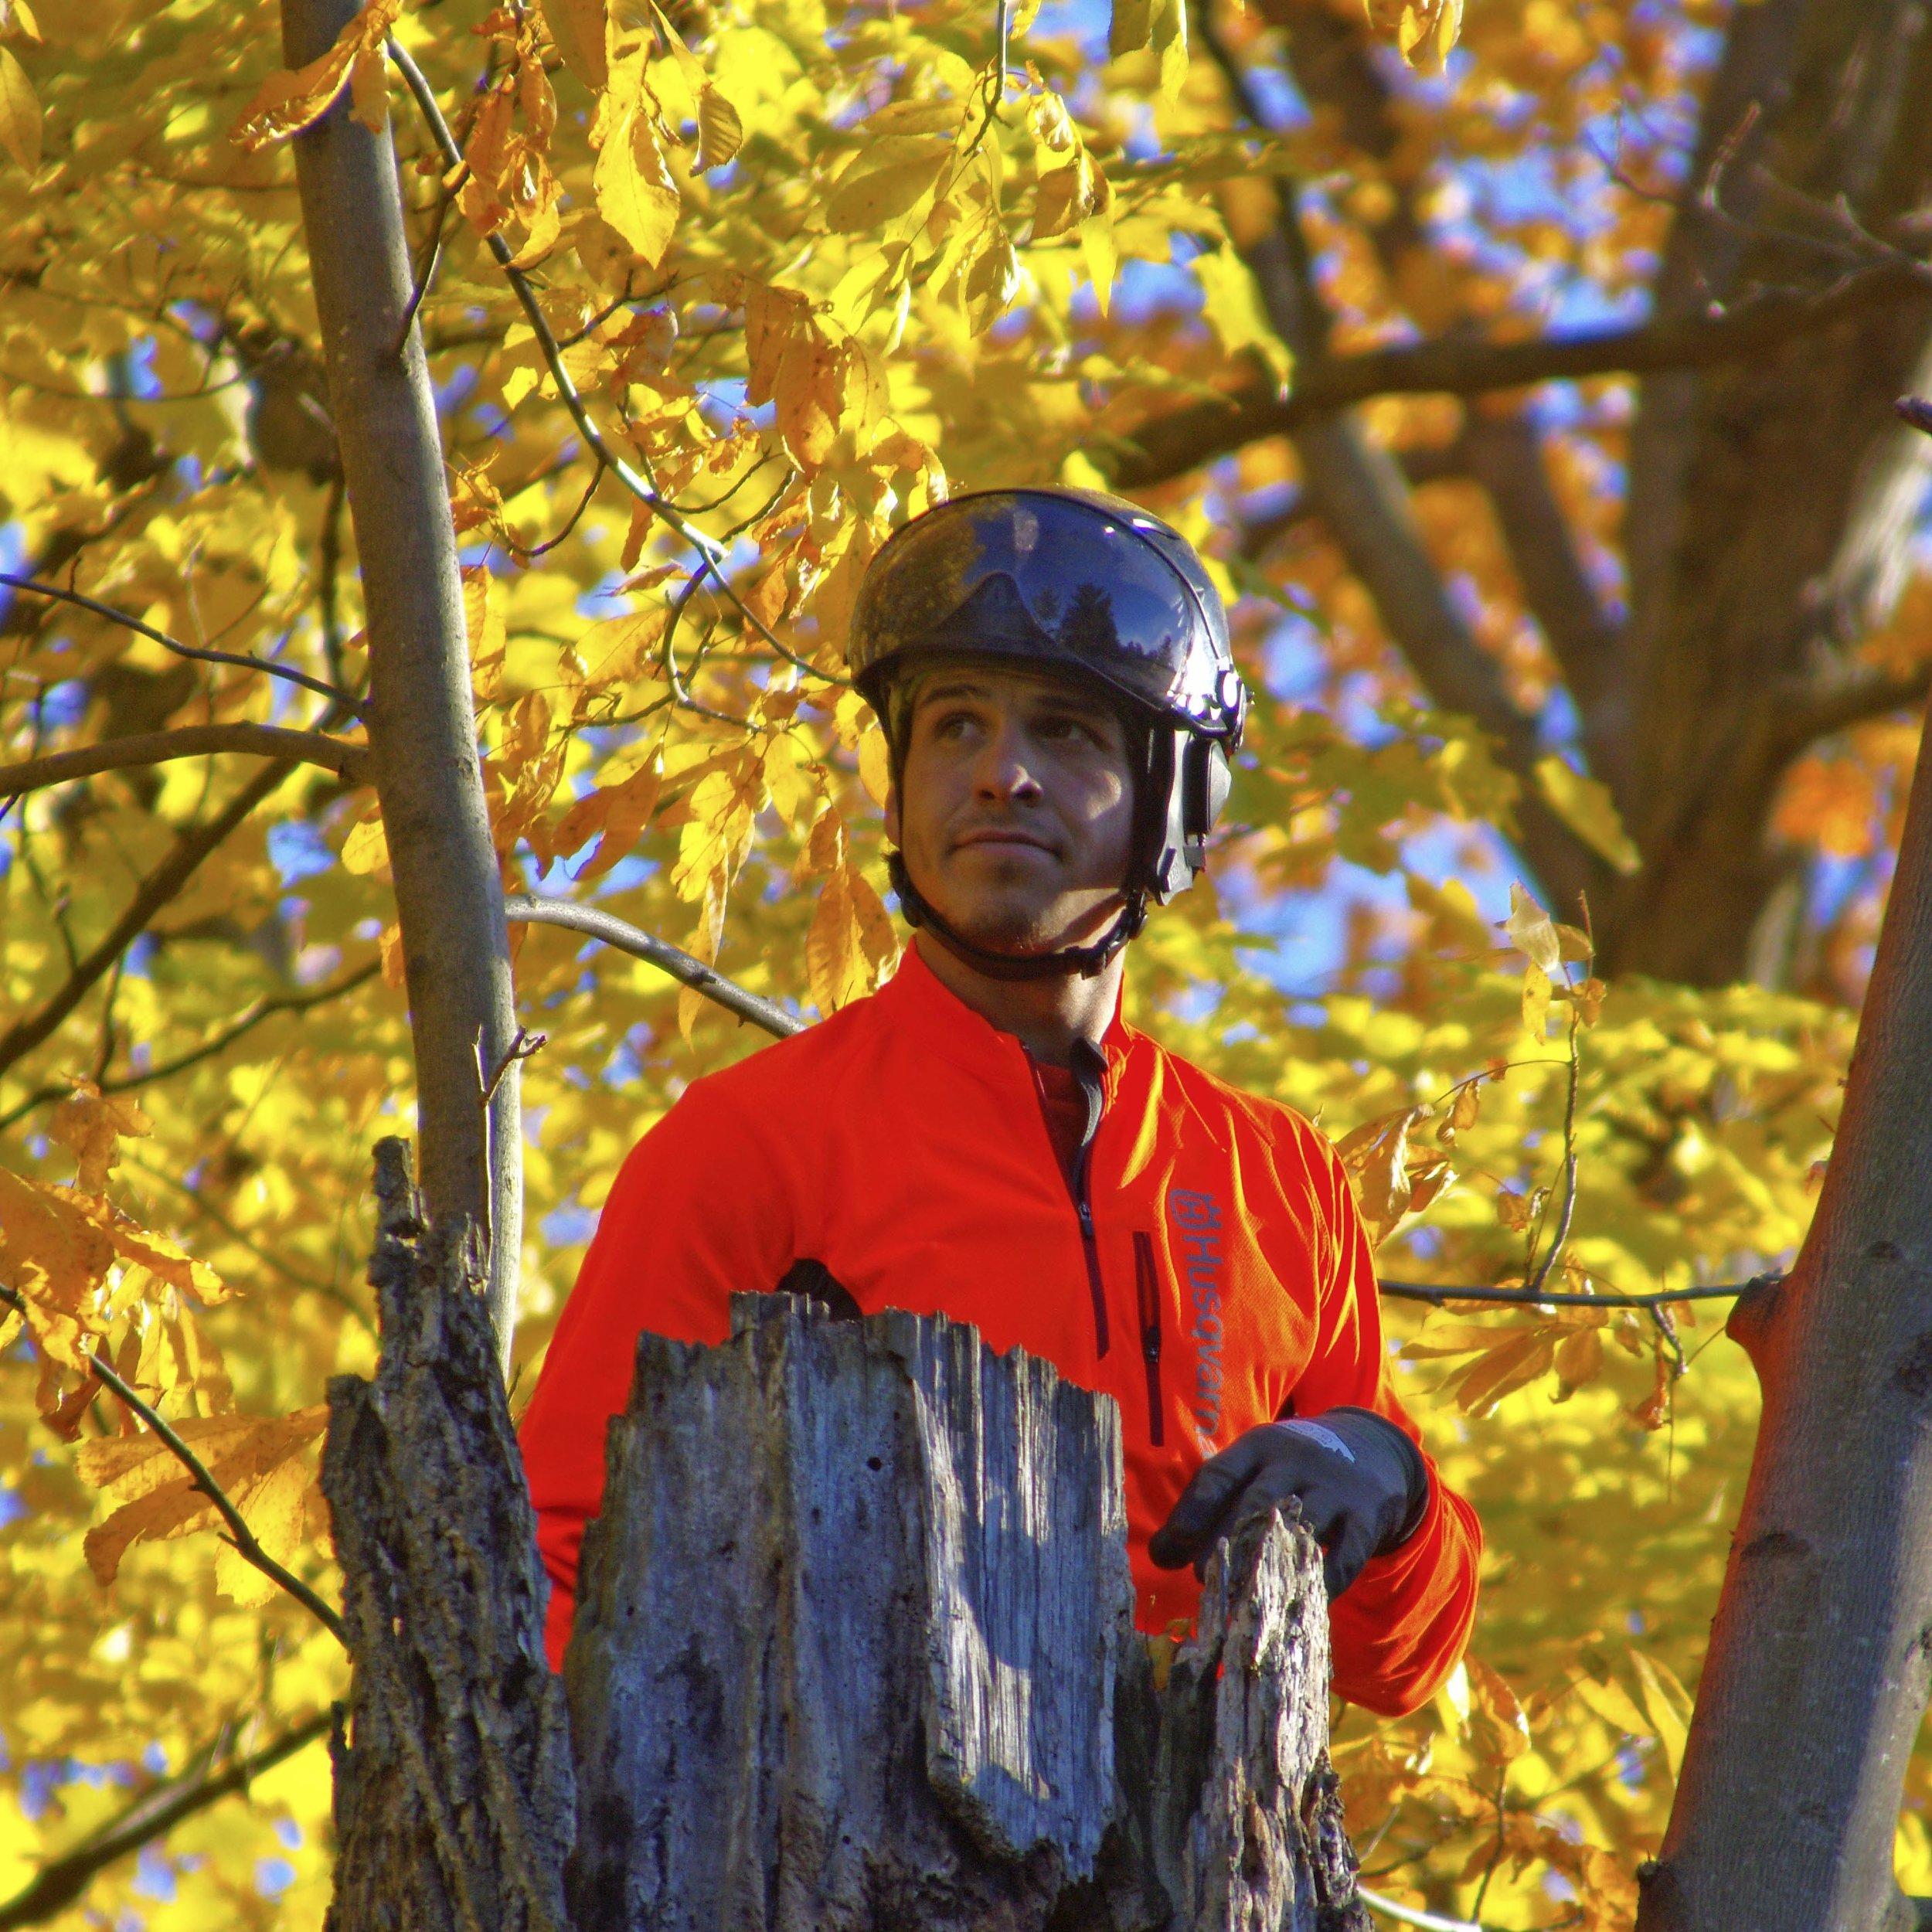 Guillaume, arboriculteur-élagueur - 8 années d'expérience dans le domaine. Formation: DEP en arboriculture-élagage au Centre de formation horticole de Laval